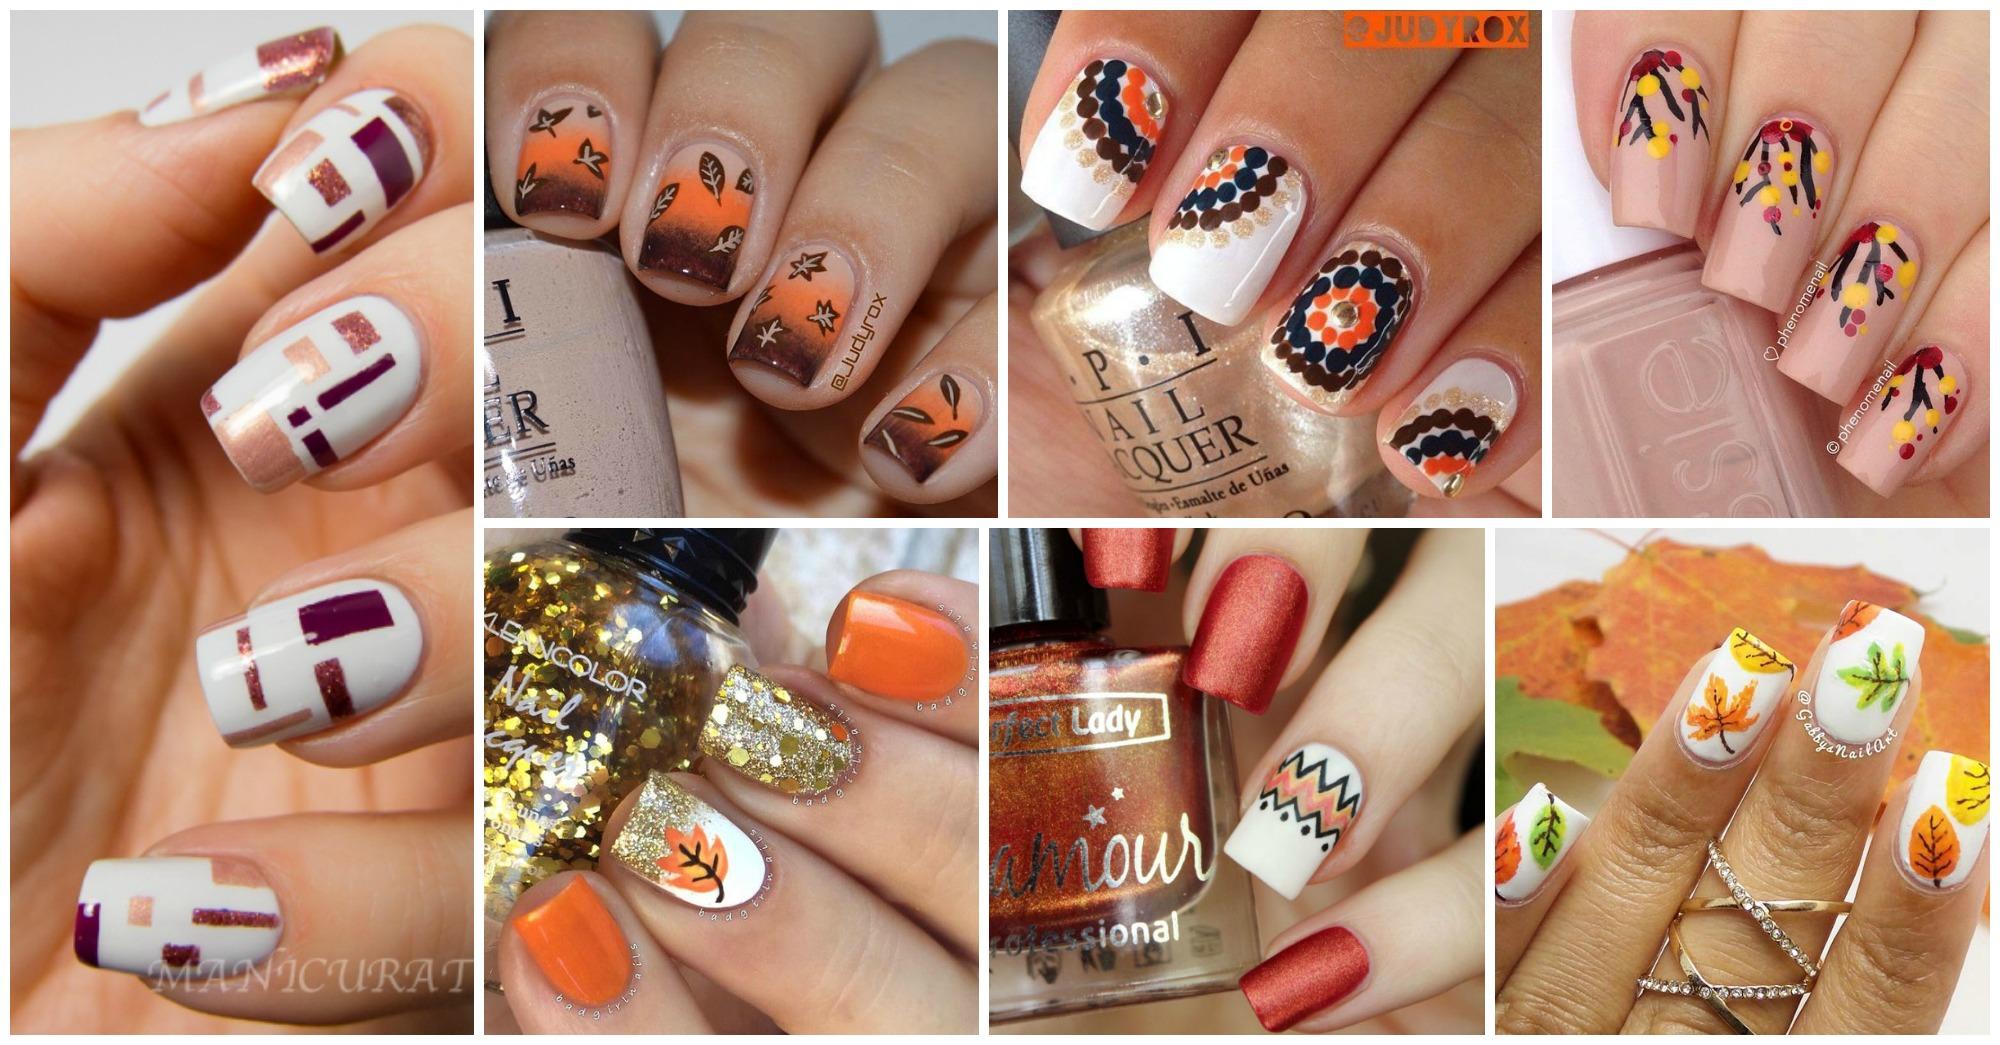 Cute Nail Designs For Fall 2016